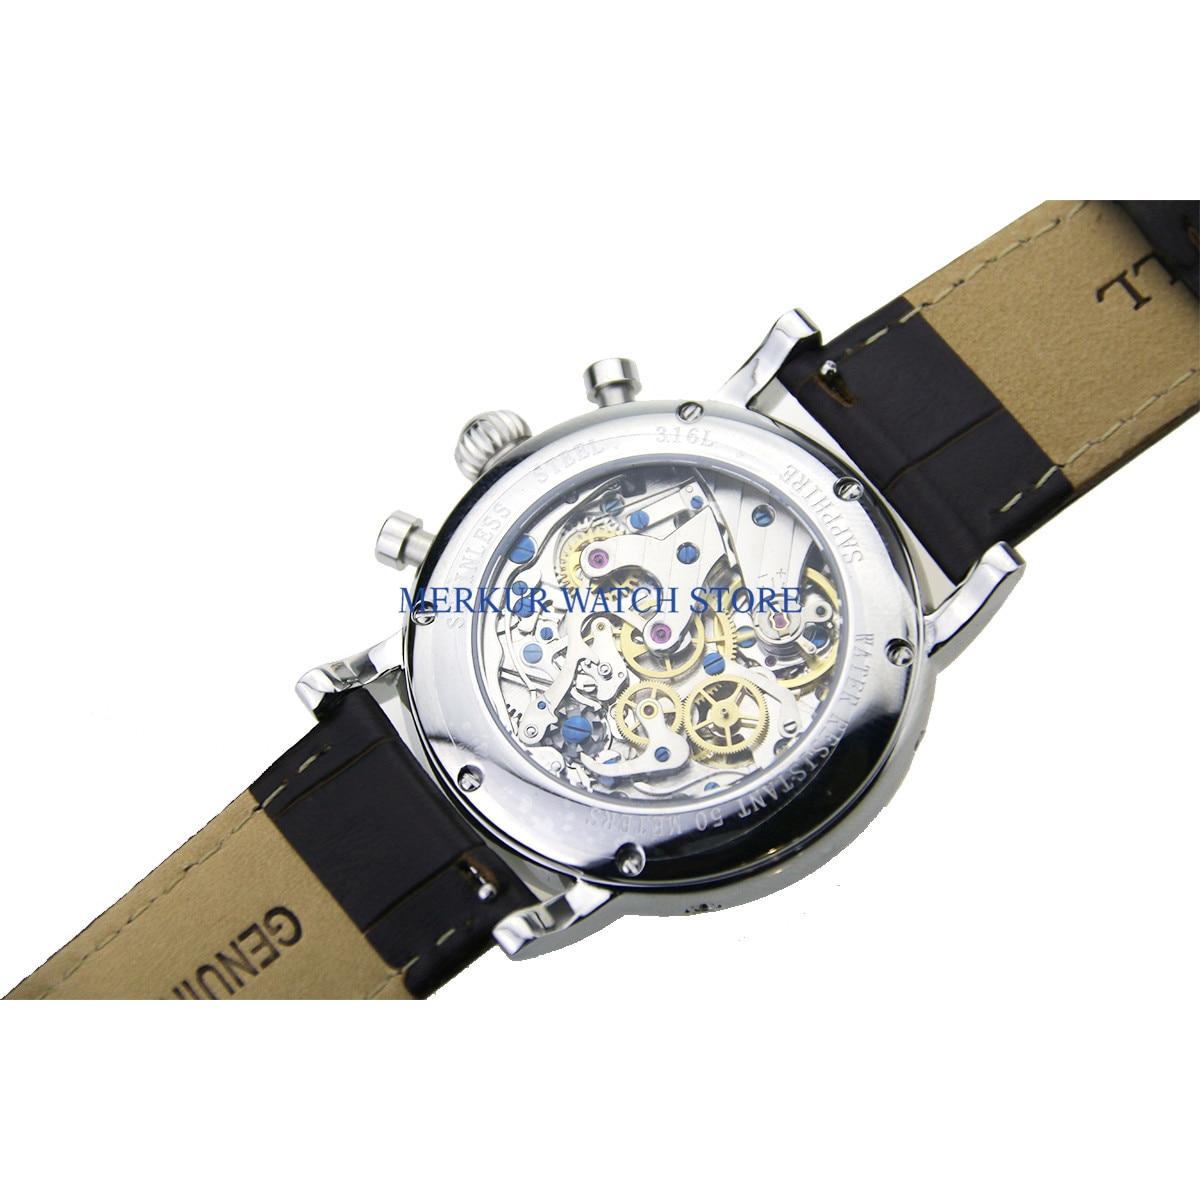 Geen logo Herenhorloge Mechanische Chronograaf Pilot 1963 Jurk Horloge Jurk Meeuw Beweging St1908 - 4